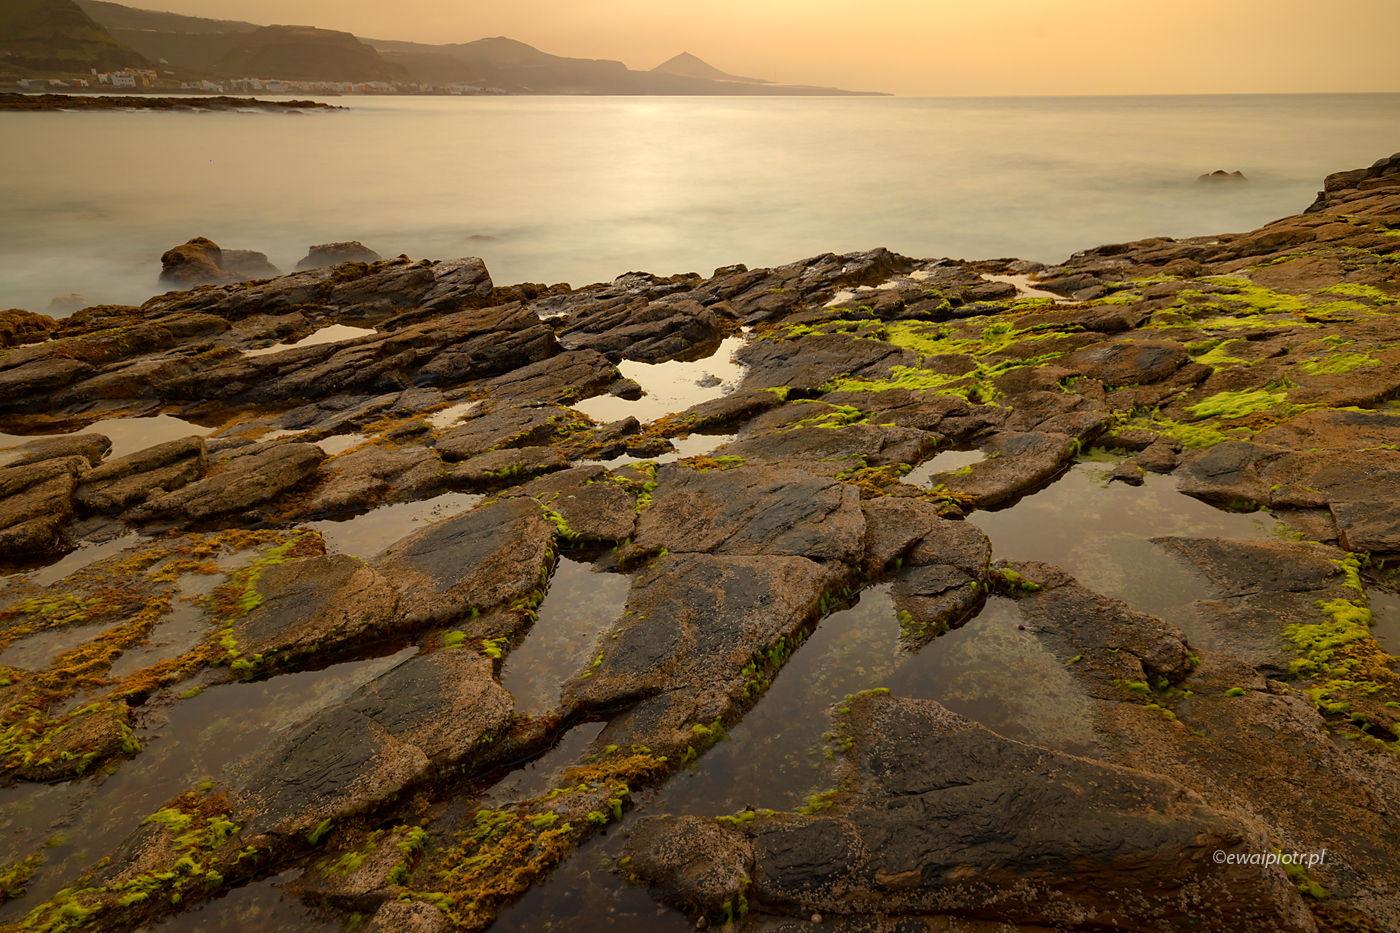 Skały, morze i zachód słońca, Wyspy Kanaryjskie, ćwiczenia z kompozycji